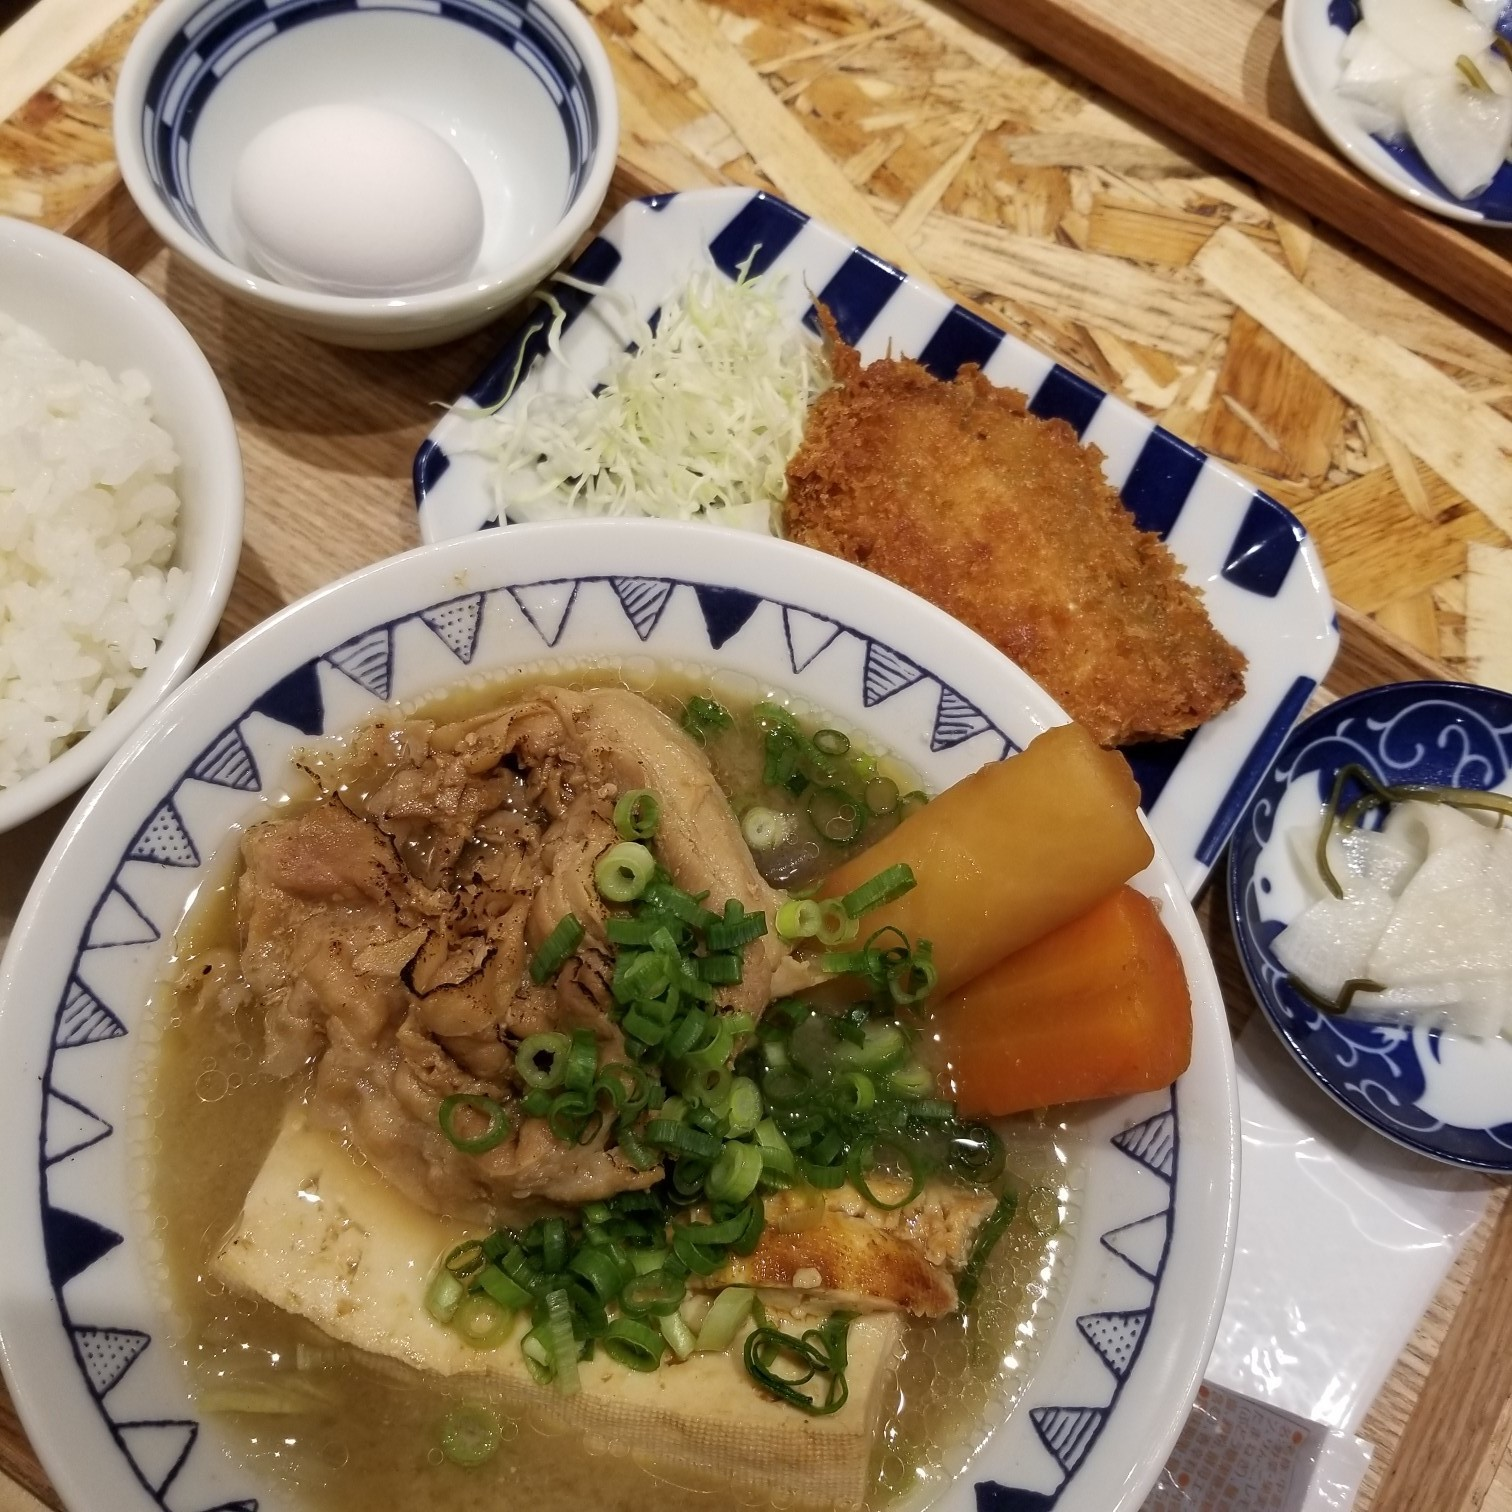 野菜を食べるごちとん_f0191715_14282508.jpg